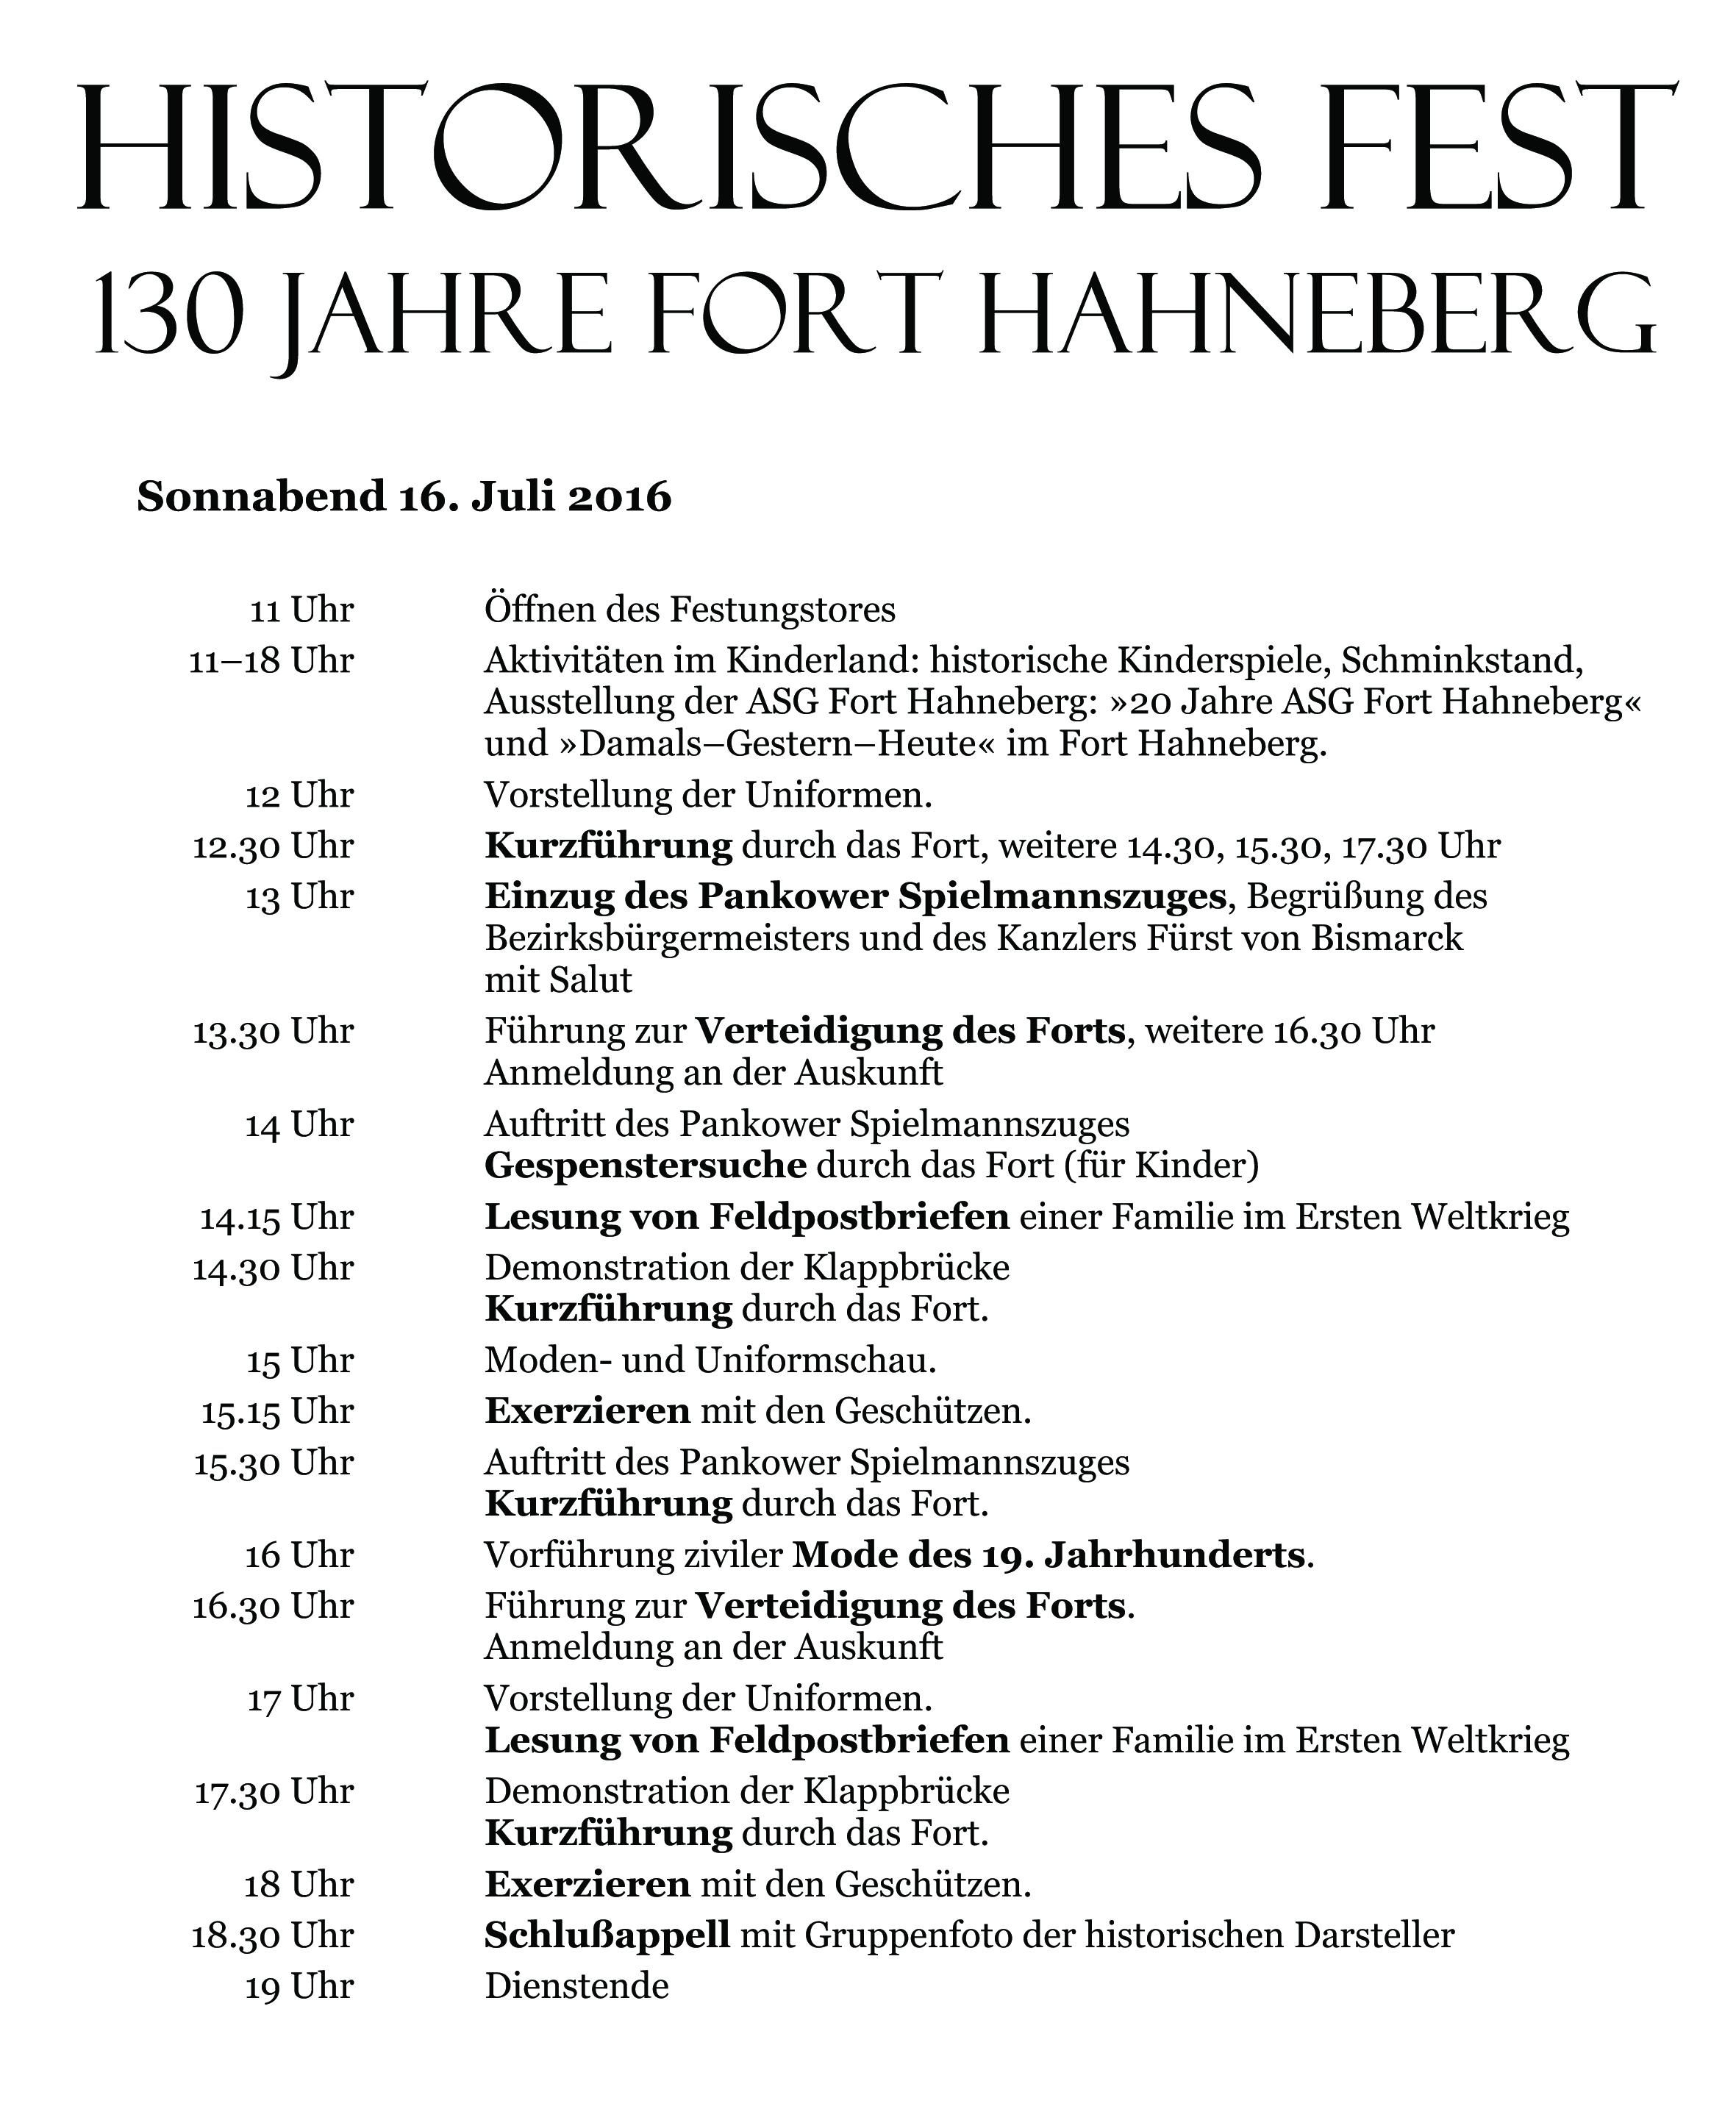 Plan-HistorischesFest2016-Sonnabend Kopie